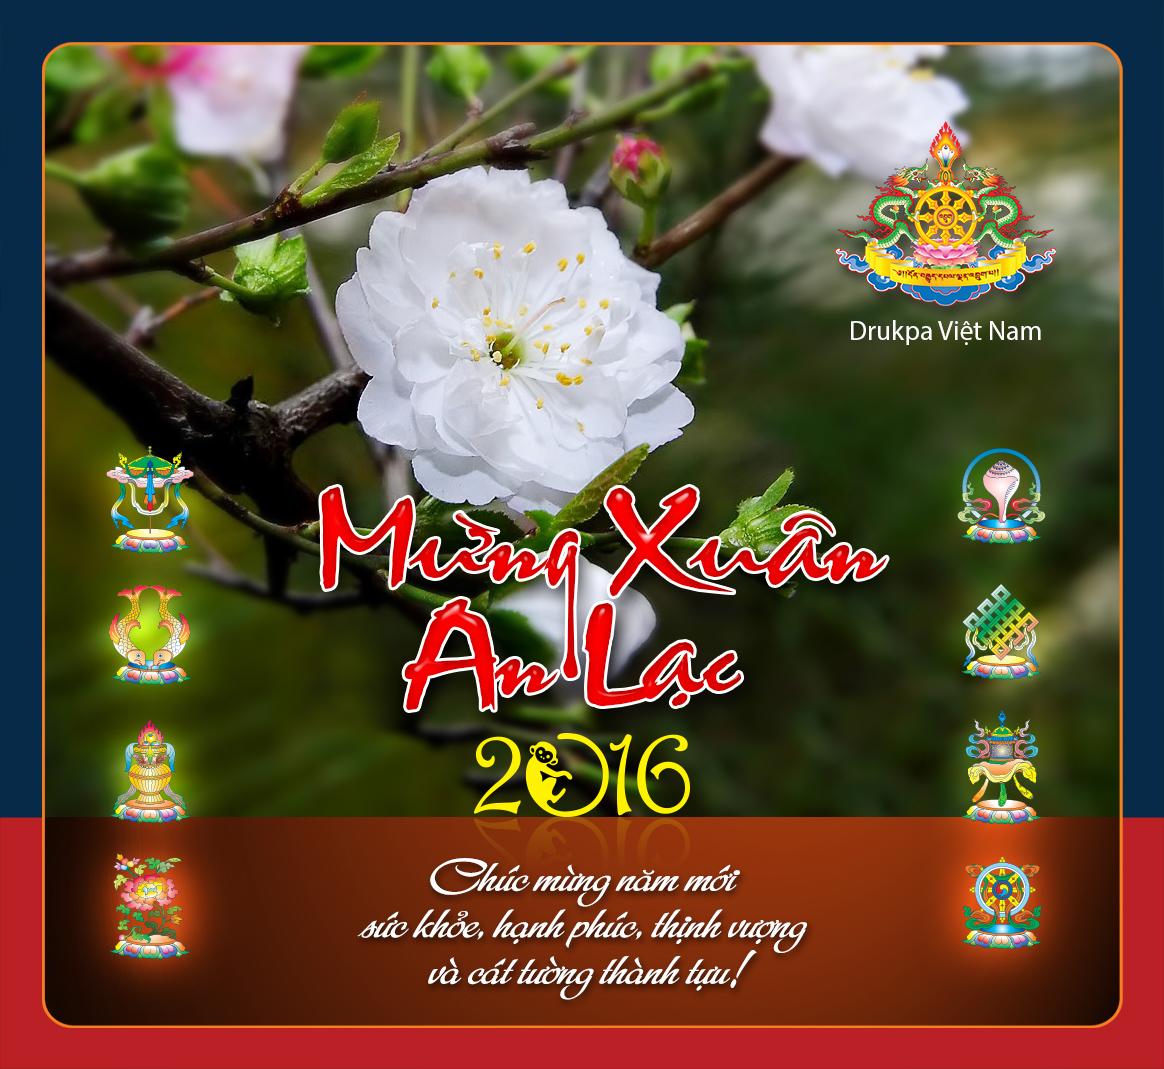 Drukpa Việt Nam mừng xuân an lạc 2016